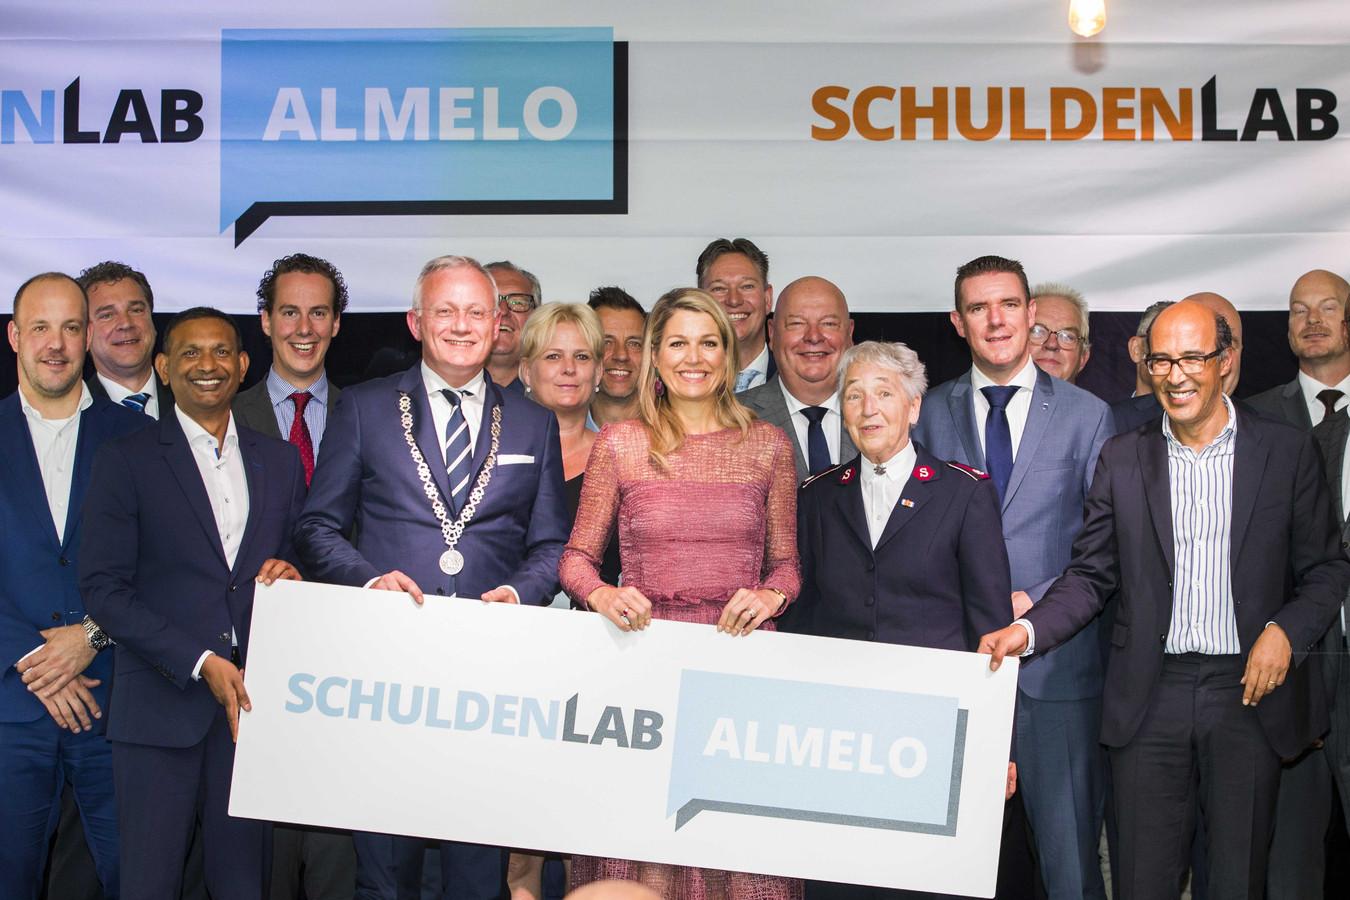 Koningin Maxima is bij de lancering van Schuldenlab Almelo. Dit initiatief zet zich lokaal in om kwetsbare groepen schuldenzorgvrij te maken.